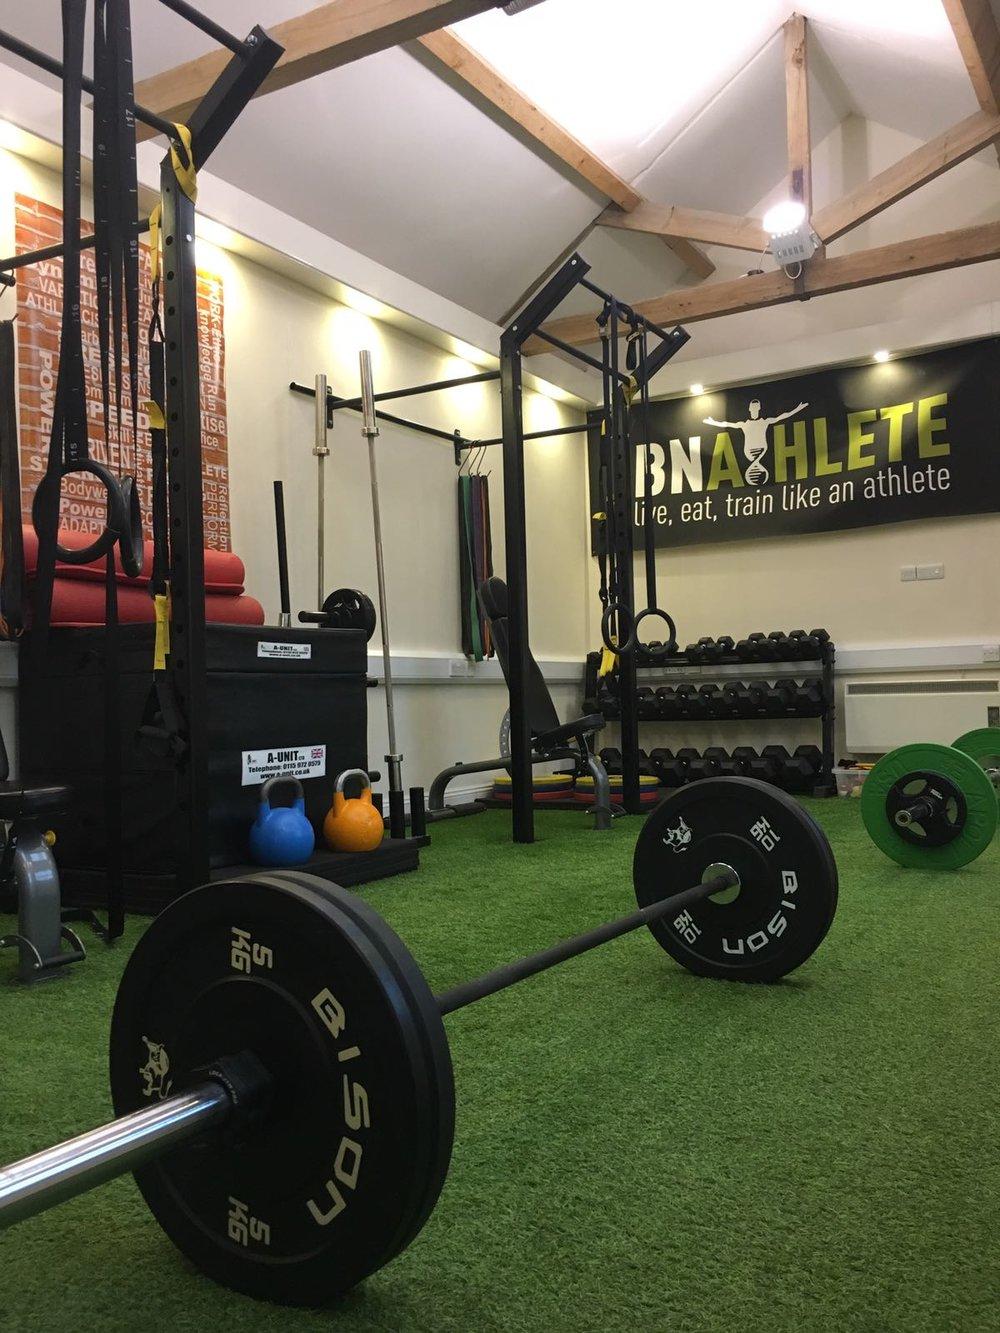 BNAthlete gym